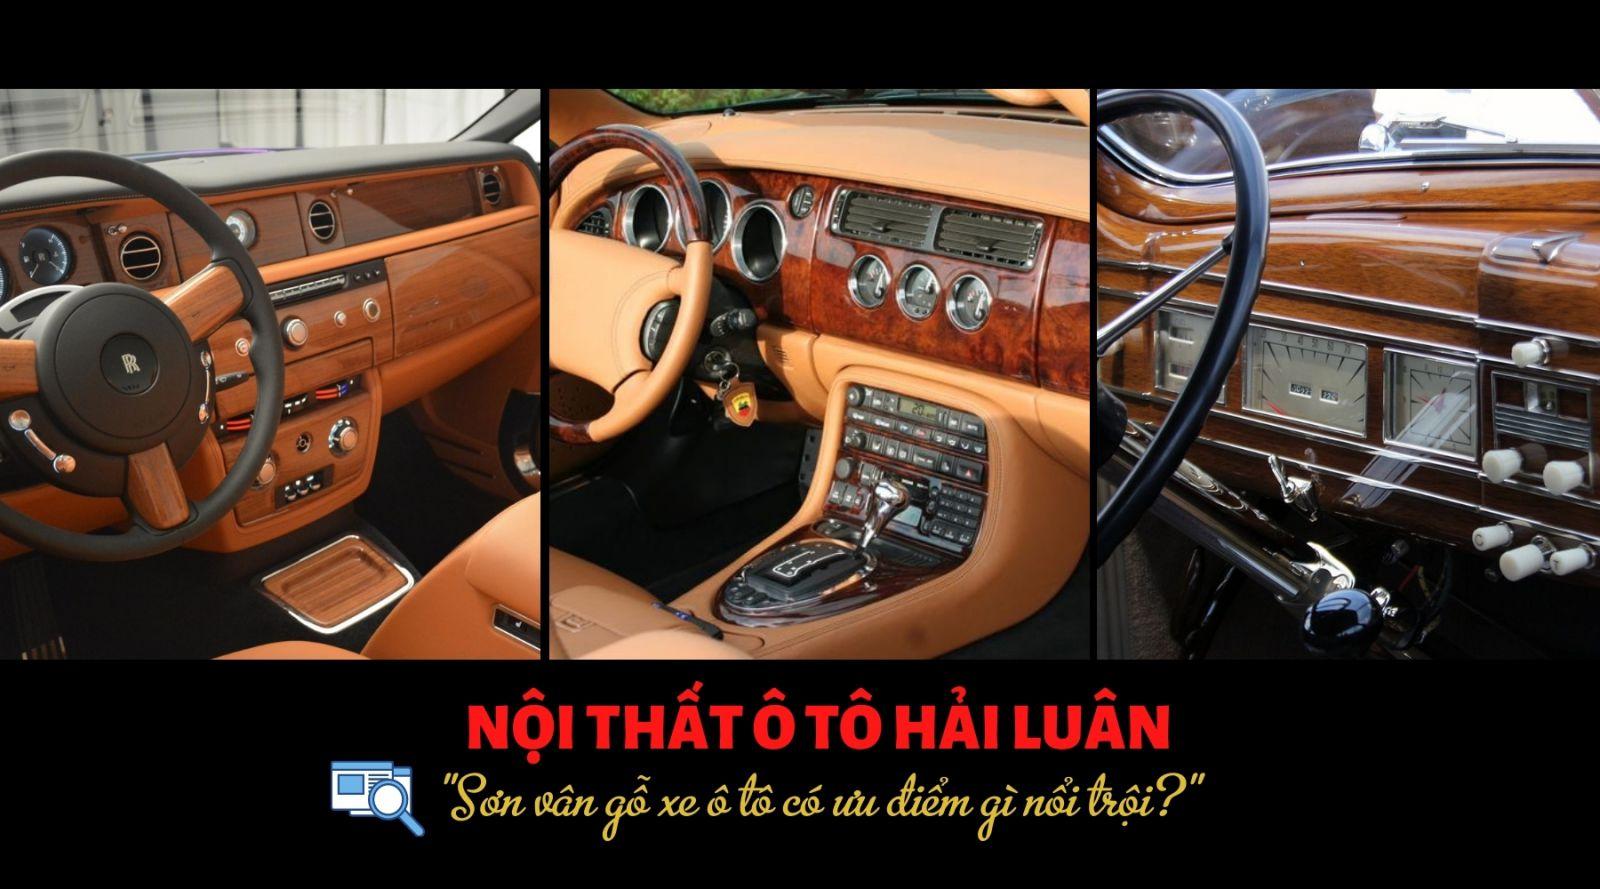 Sơn vân gỗ xe ô tô có ưu điểm gì?